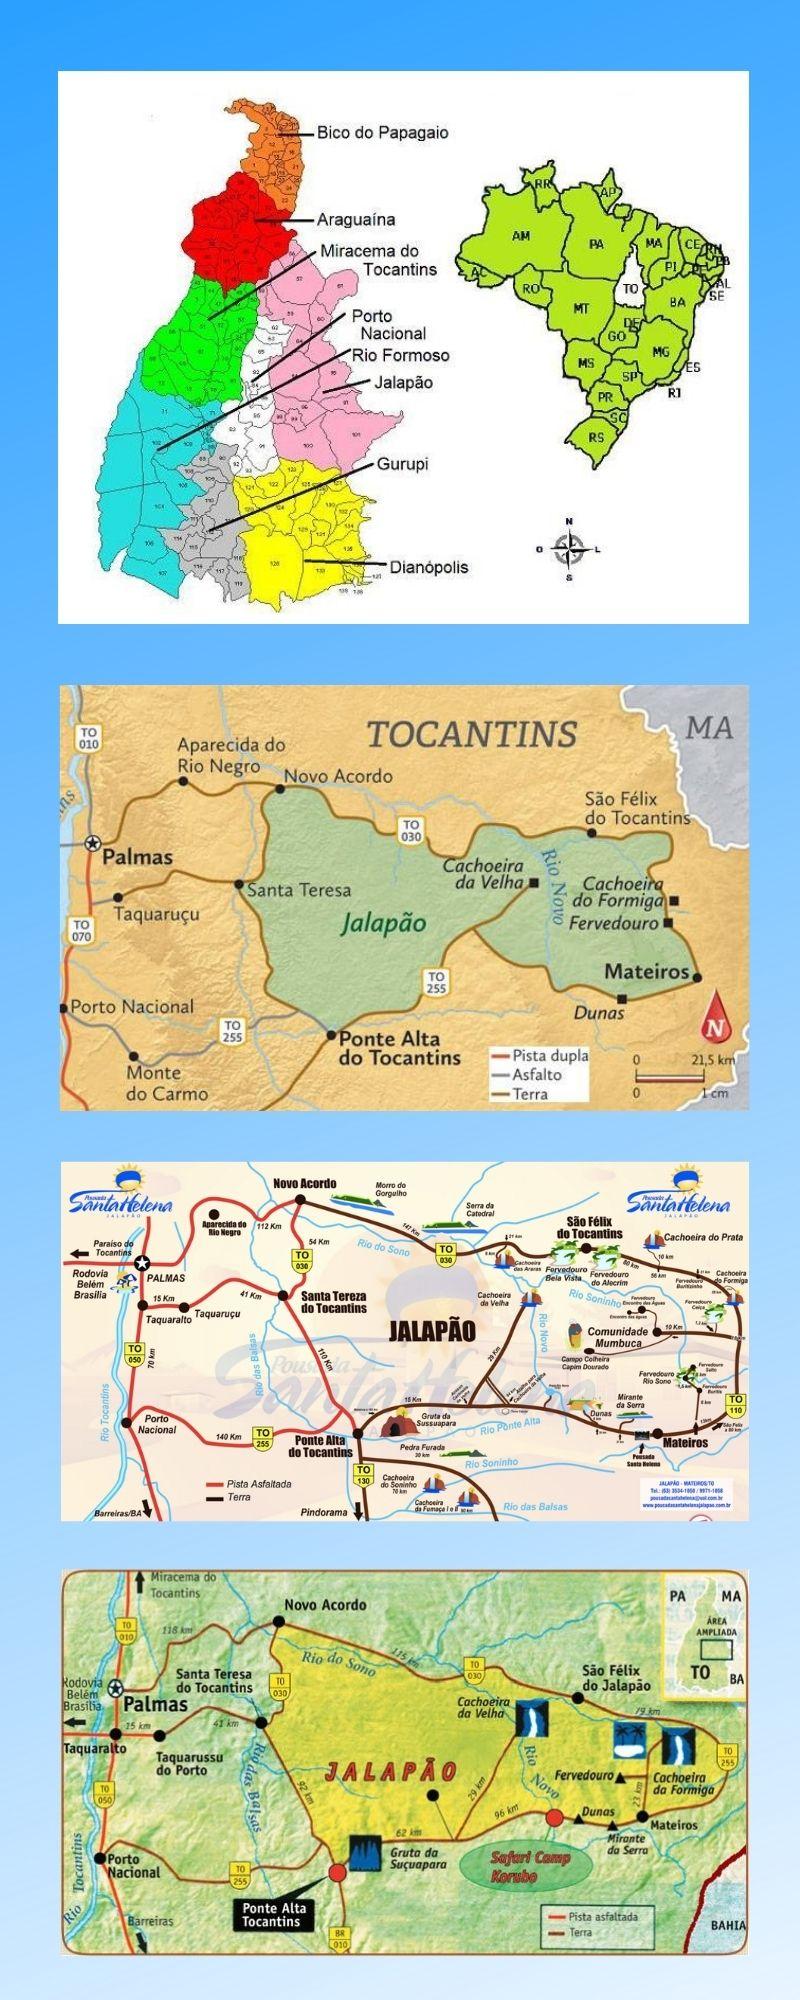 Infográfico Atrações Turísticas do Tocantins 2